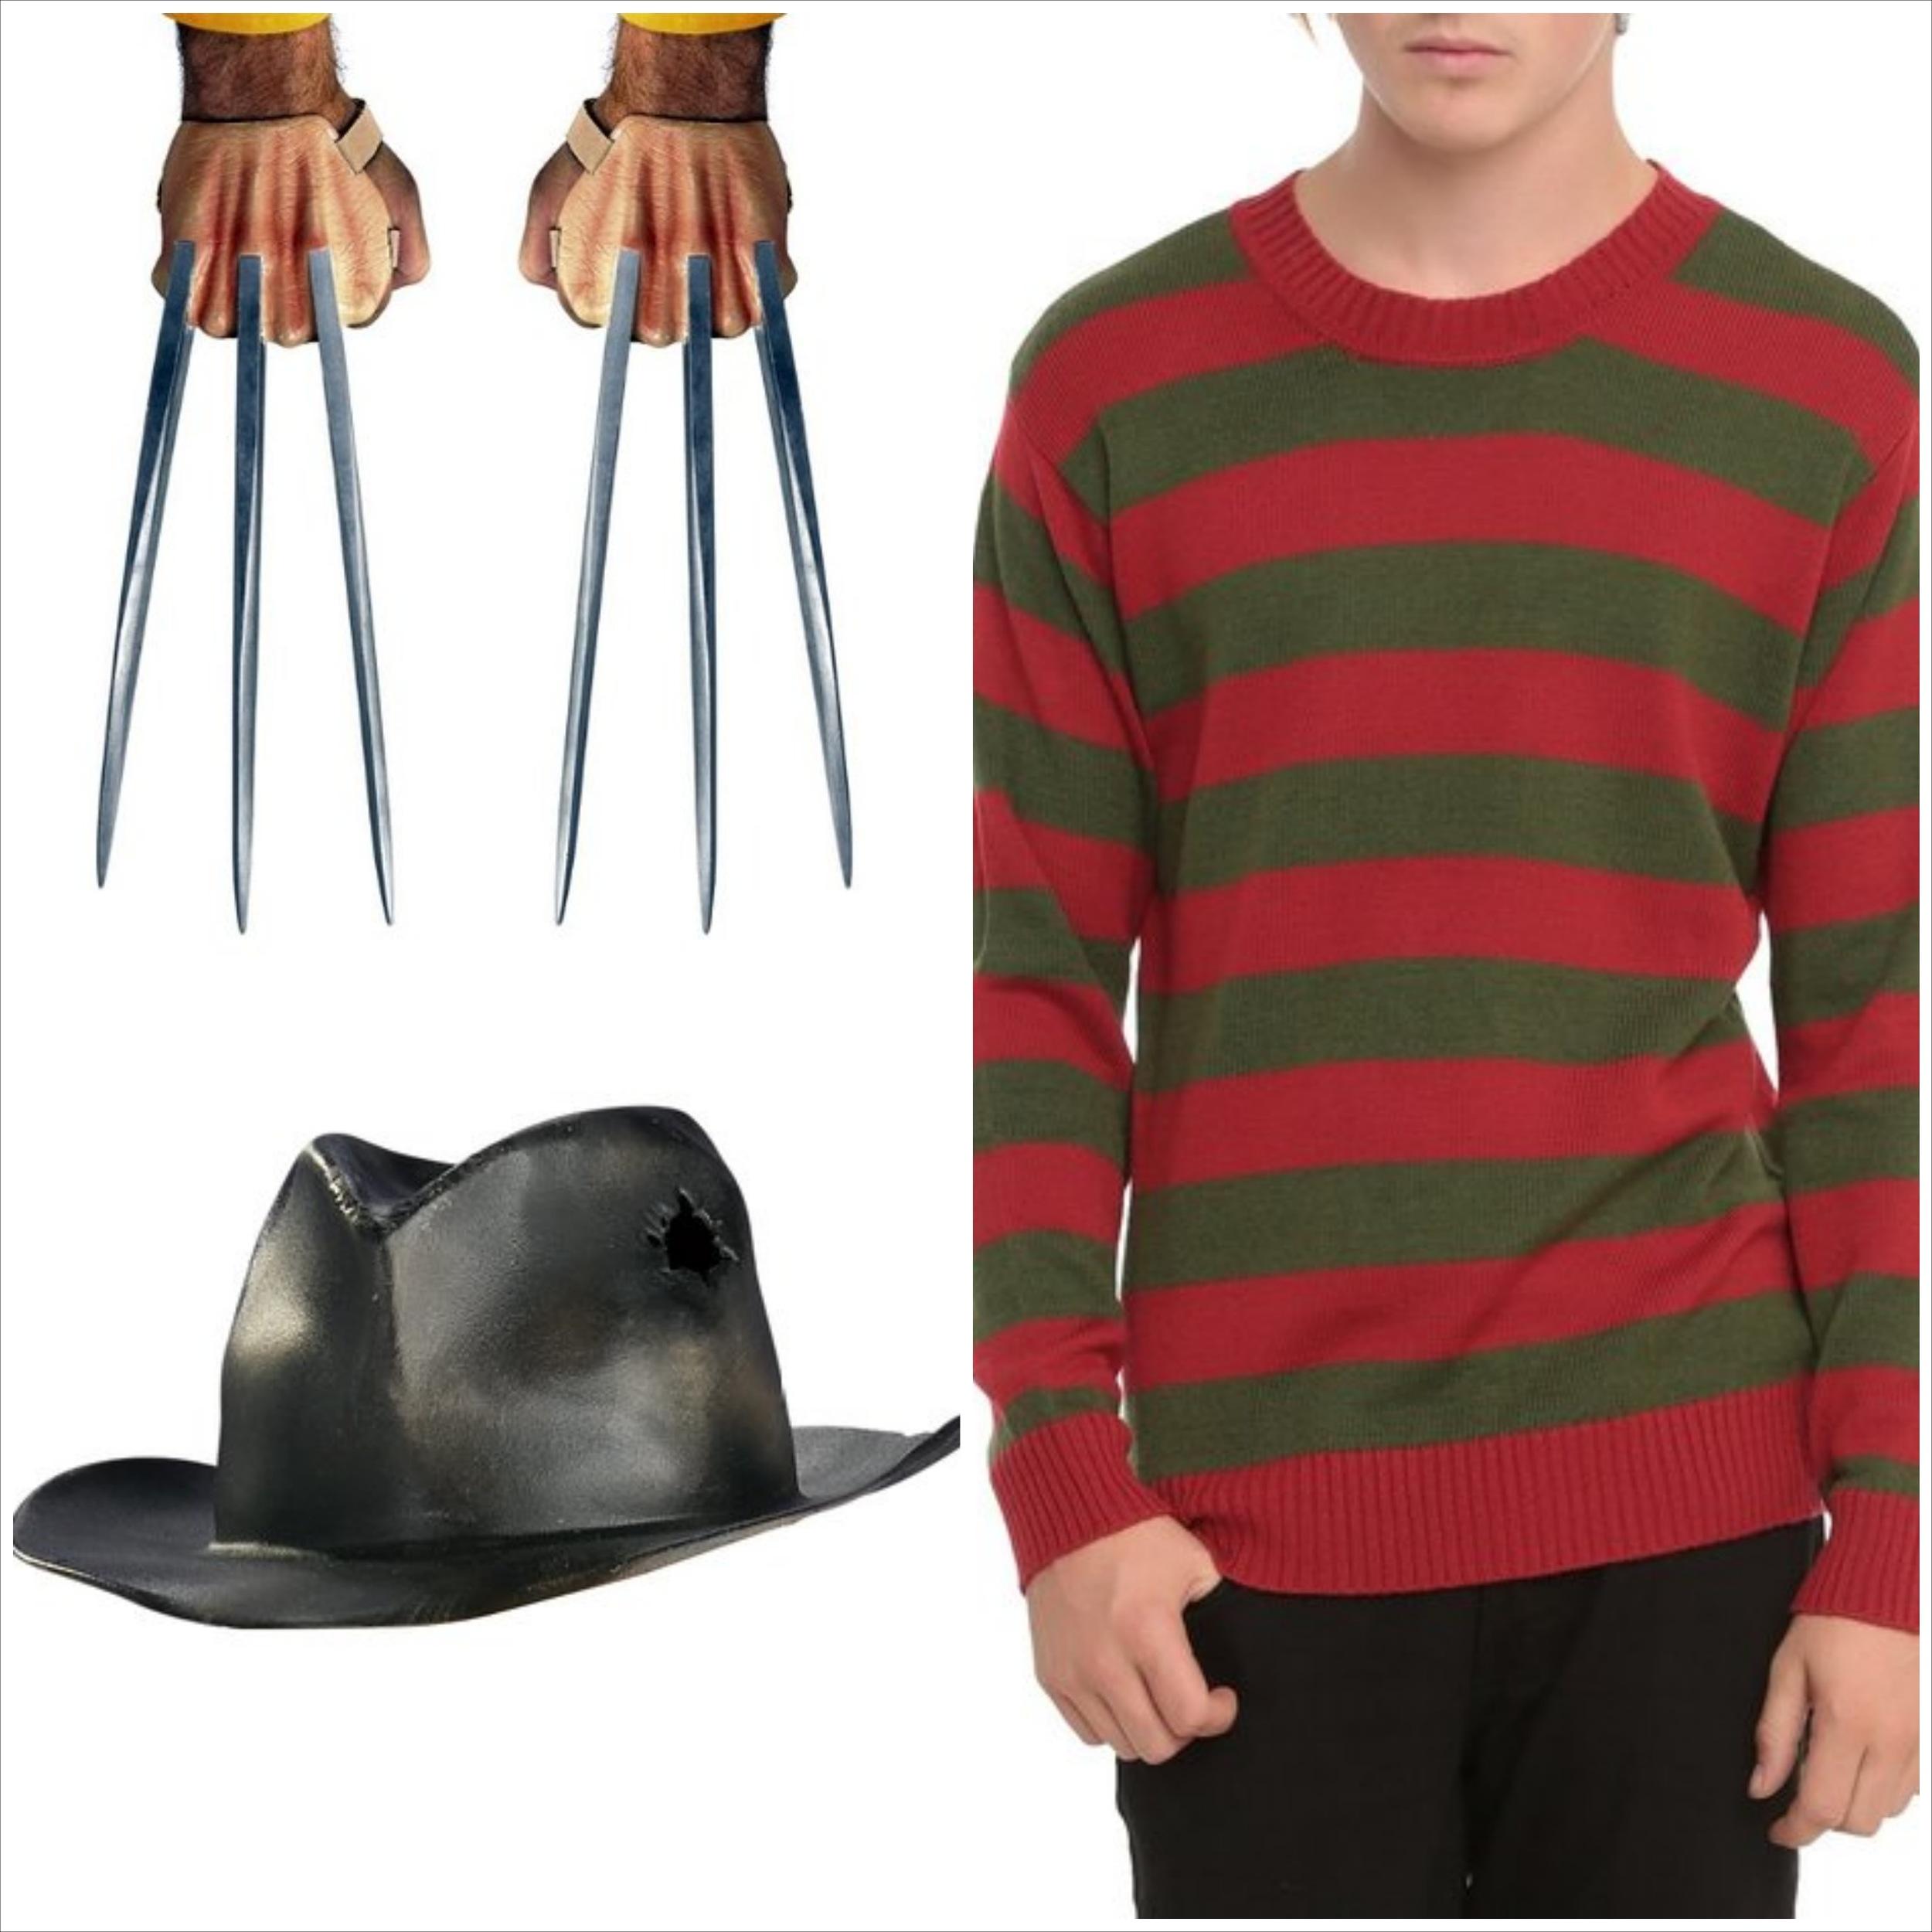 Halloween Location Looks 23 Of 31 Nightmare On Elm Street New